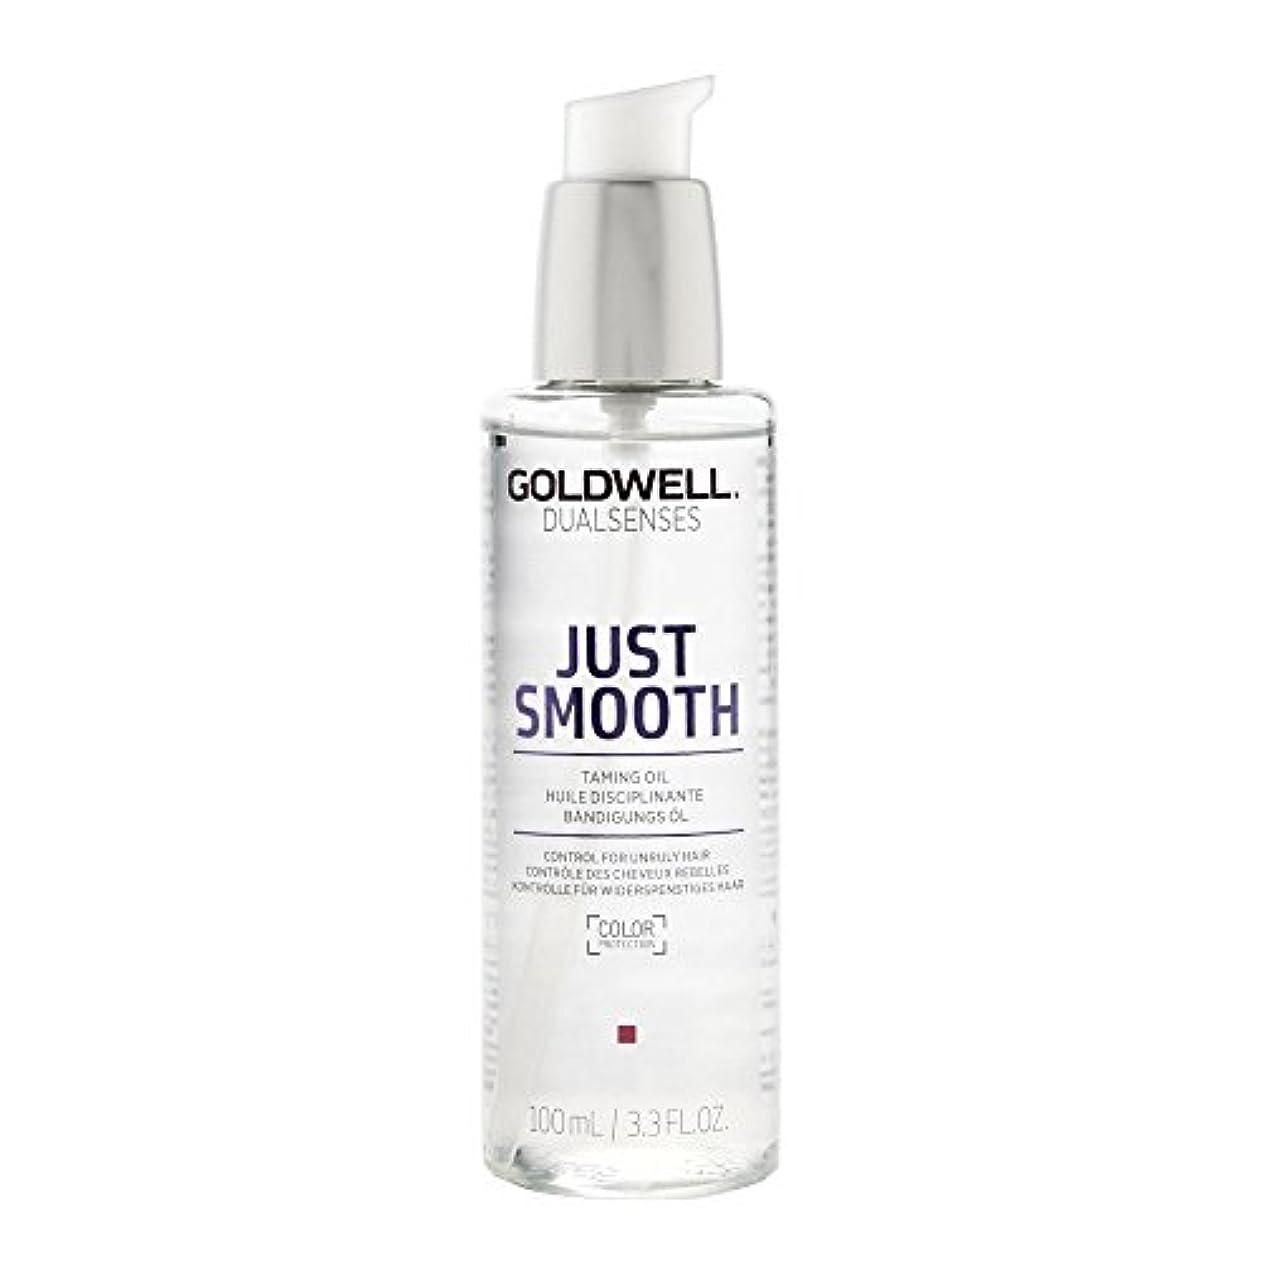 自転車膨らませるサドルゴールドウェル Dual Senses Just Smooth Taming Oil (Control For Unruly Hair) 100ml/3.3oz並行輸入品